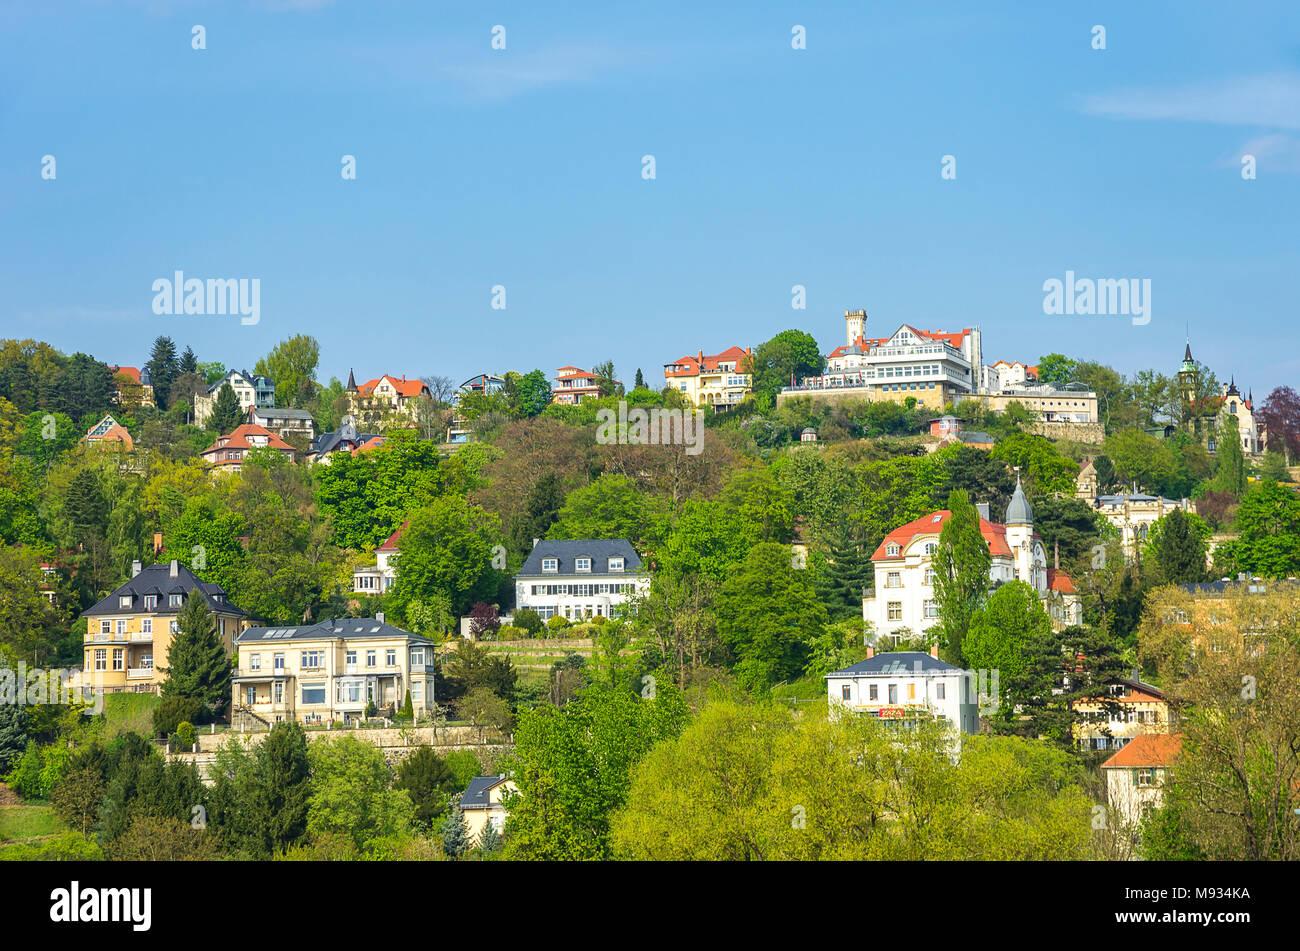 Dresden, Sachsen, Deutschland - Blick von der Brücke Blaues Wunder bis zum Luxus Häuser am Hang neben der Elbe im Stadtteil Loschwitz. Stockbild